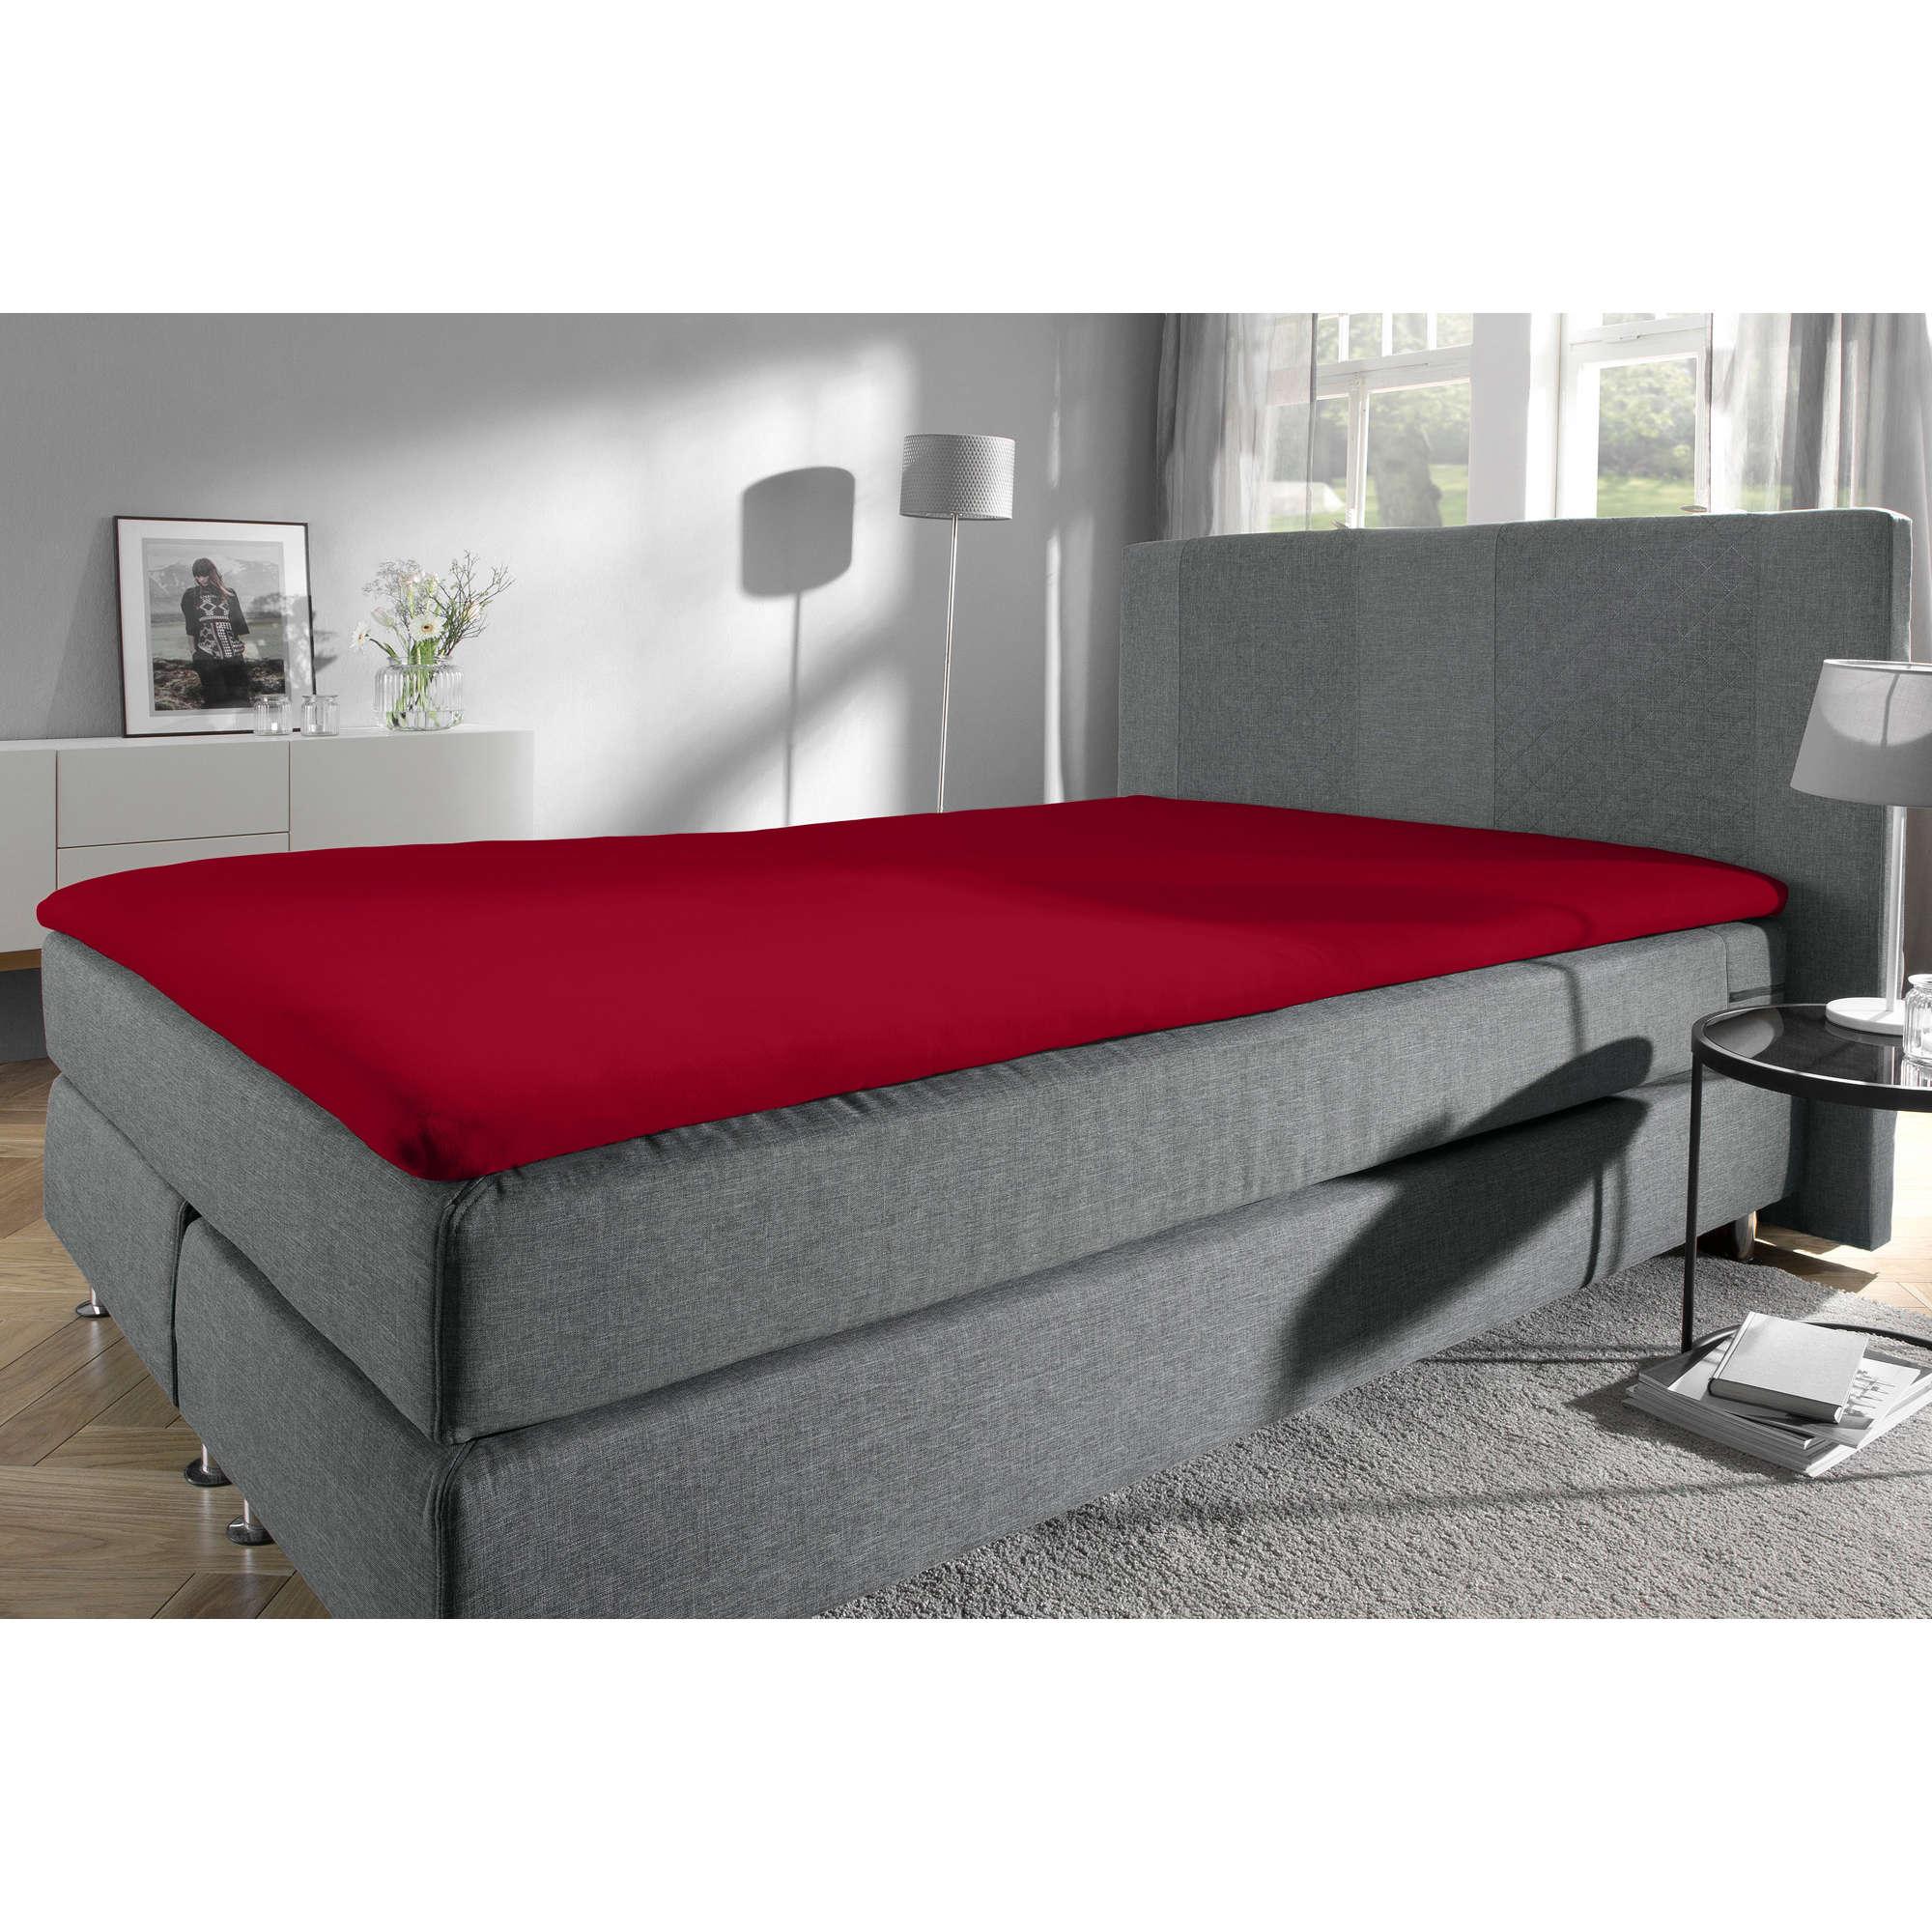 redbest spannbettlaken denver f r topper single jersey ebay. Black Bedroom Furniture Sets. Home Design Ideas